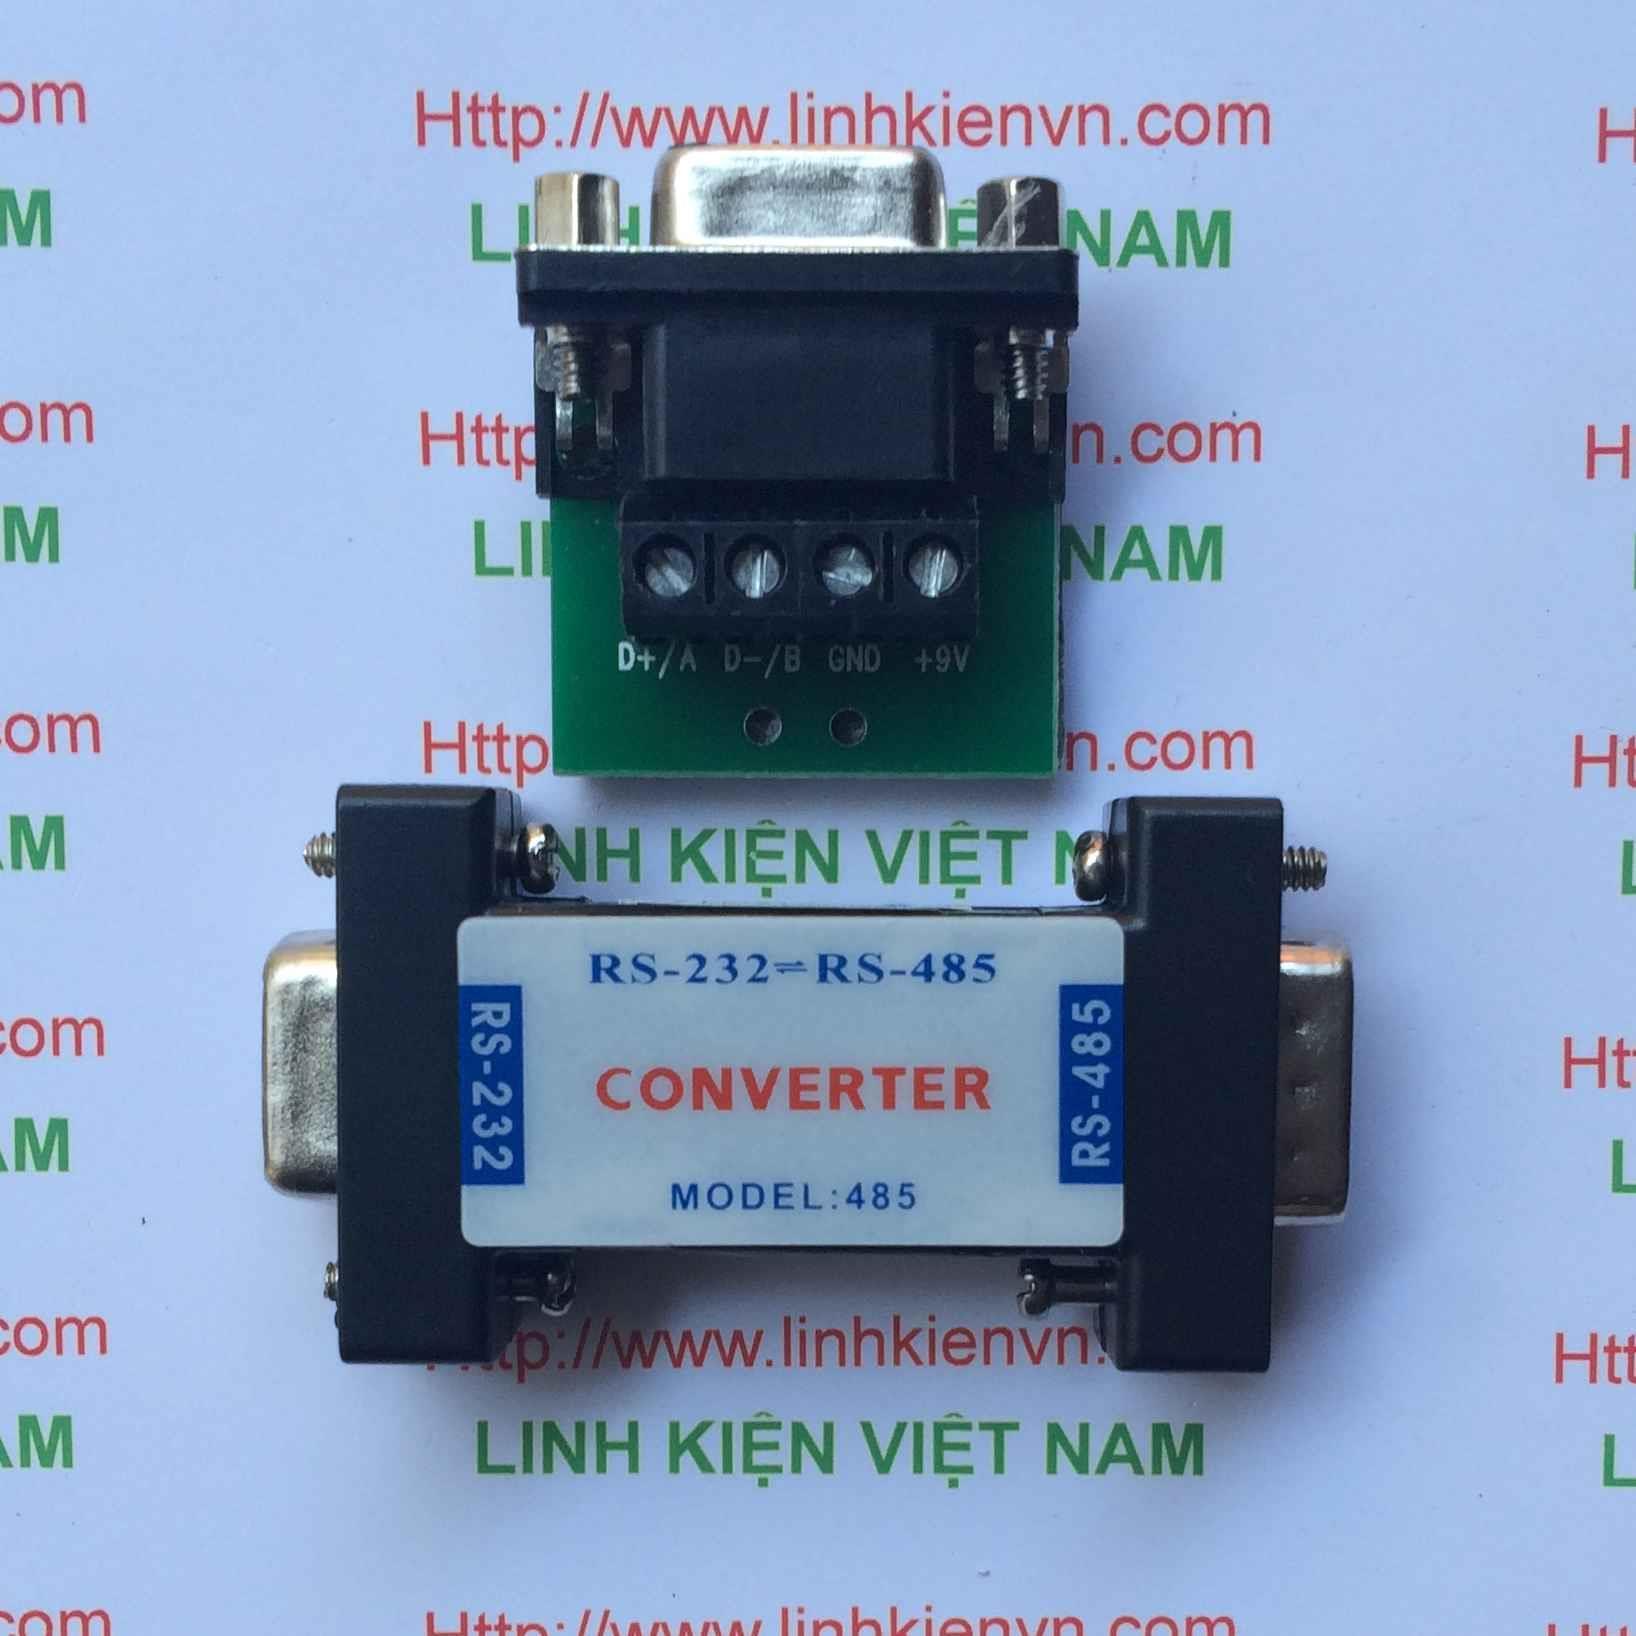 Bộ chuyển đổi Hexin RS232/485 / RS232 To RS485 converter / Module chuyển đổi 232 sang 485 - B2H18